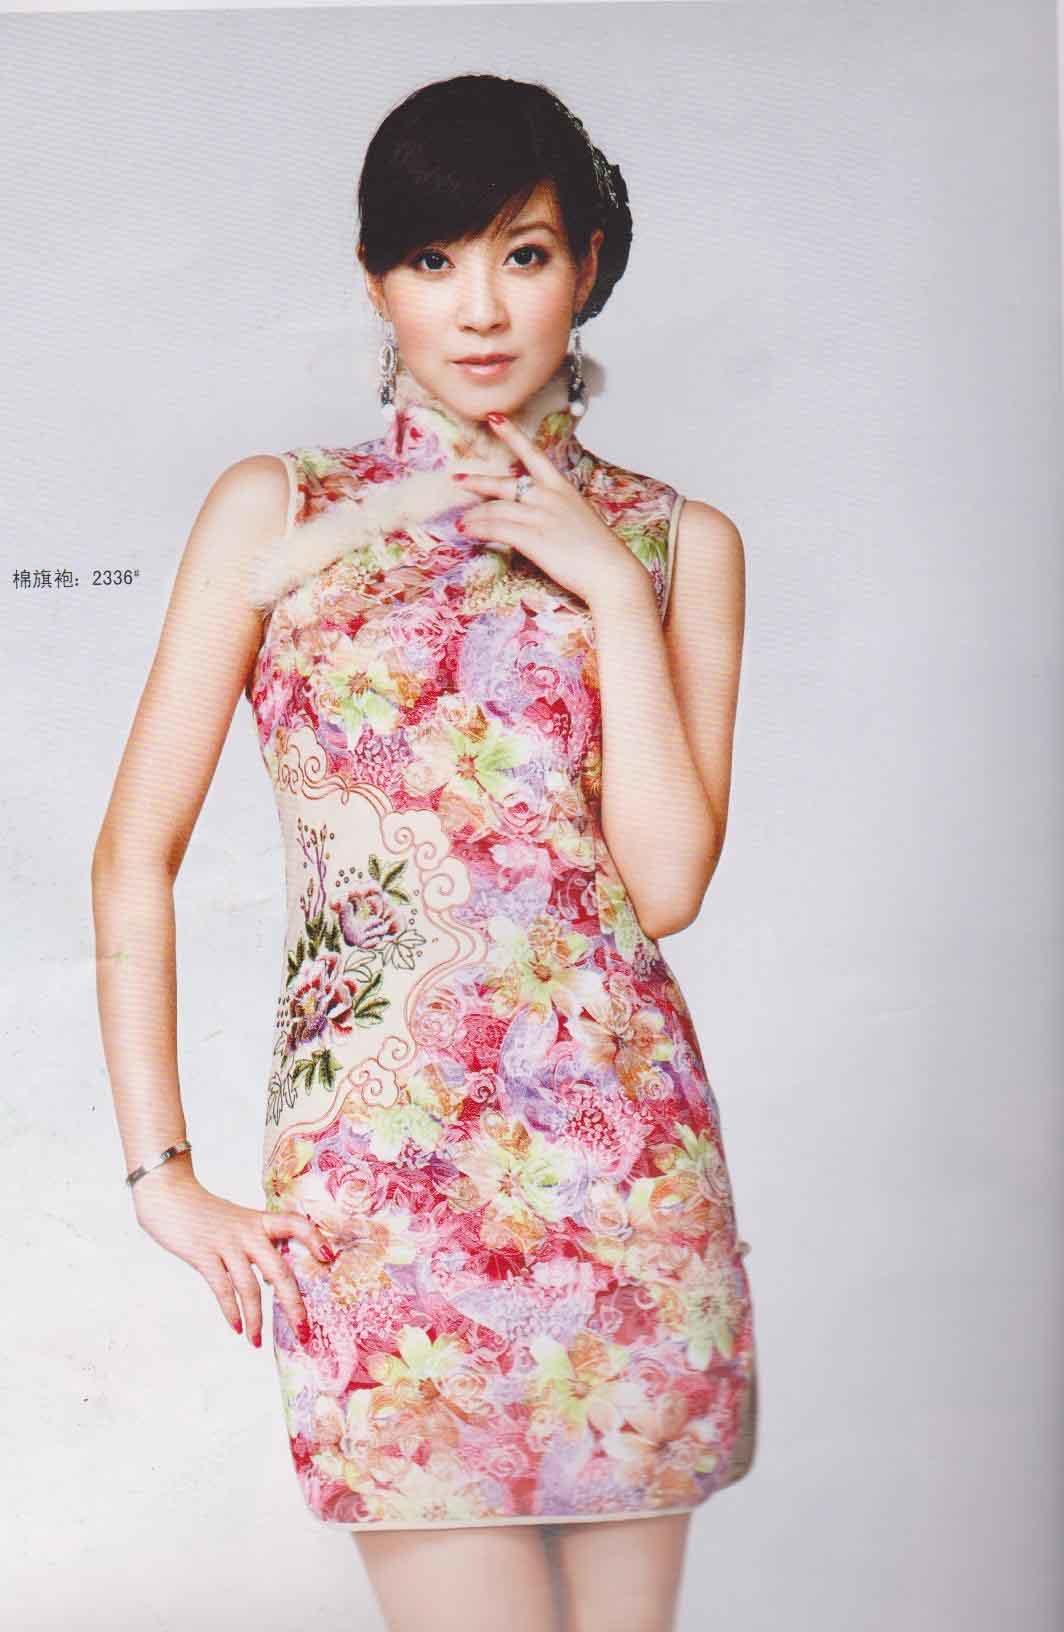 Vestido tradicional chinês (2336#) –Vestido tradicional ...